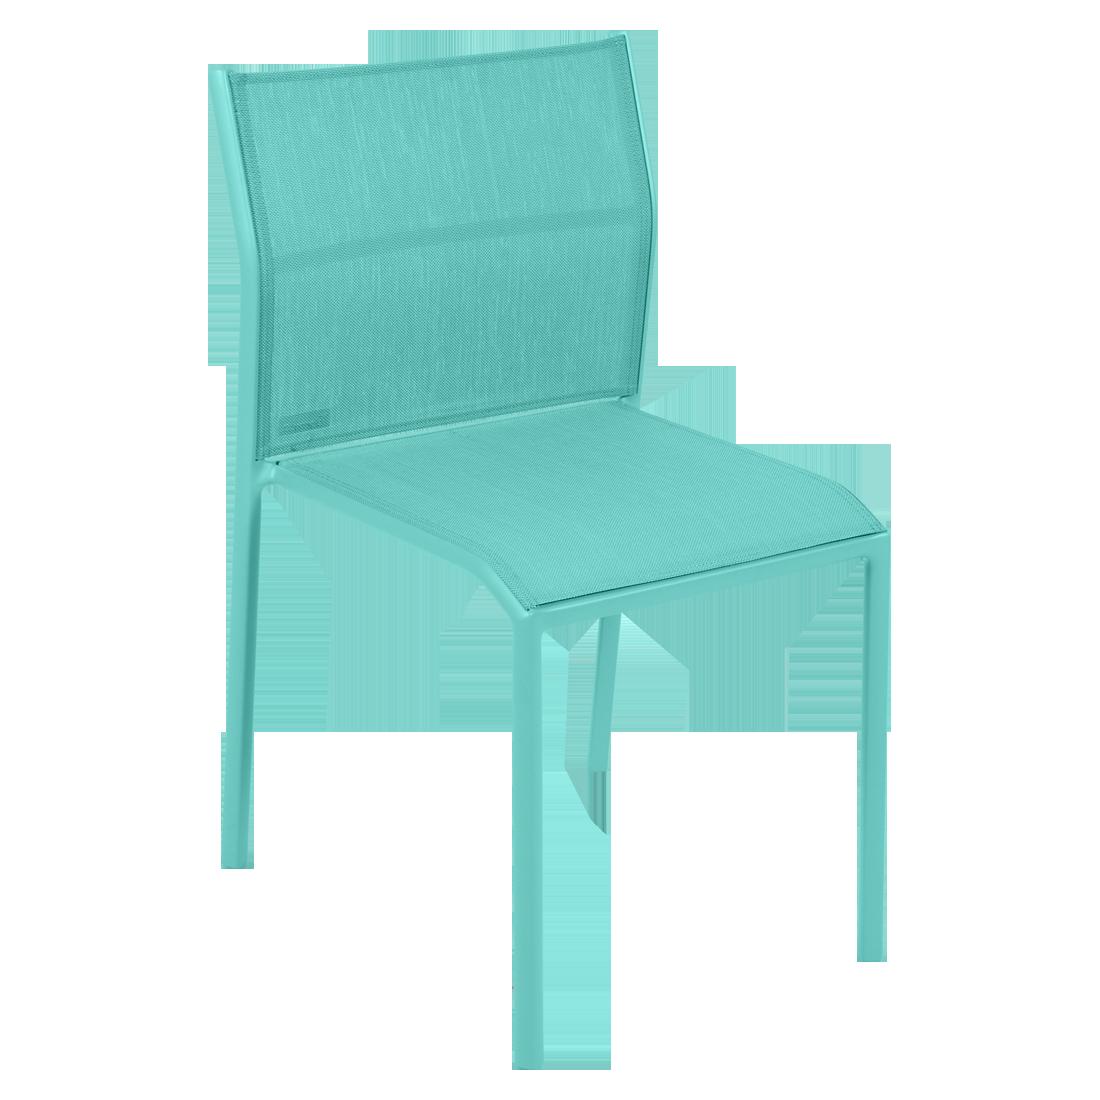 chaise de jardin, chaise en métal et toile bleu lagune